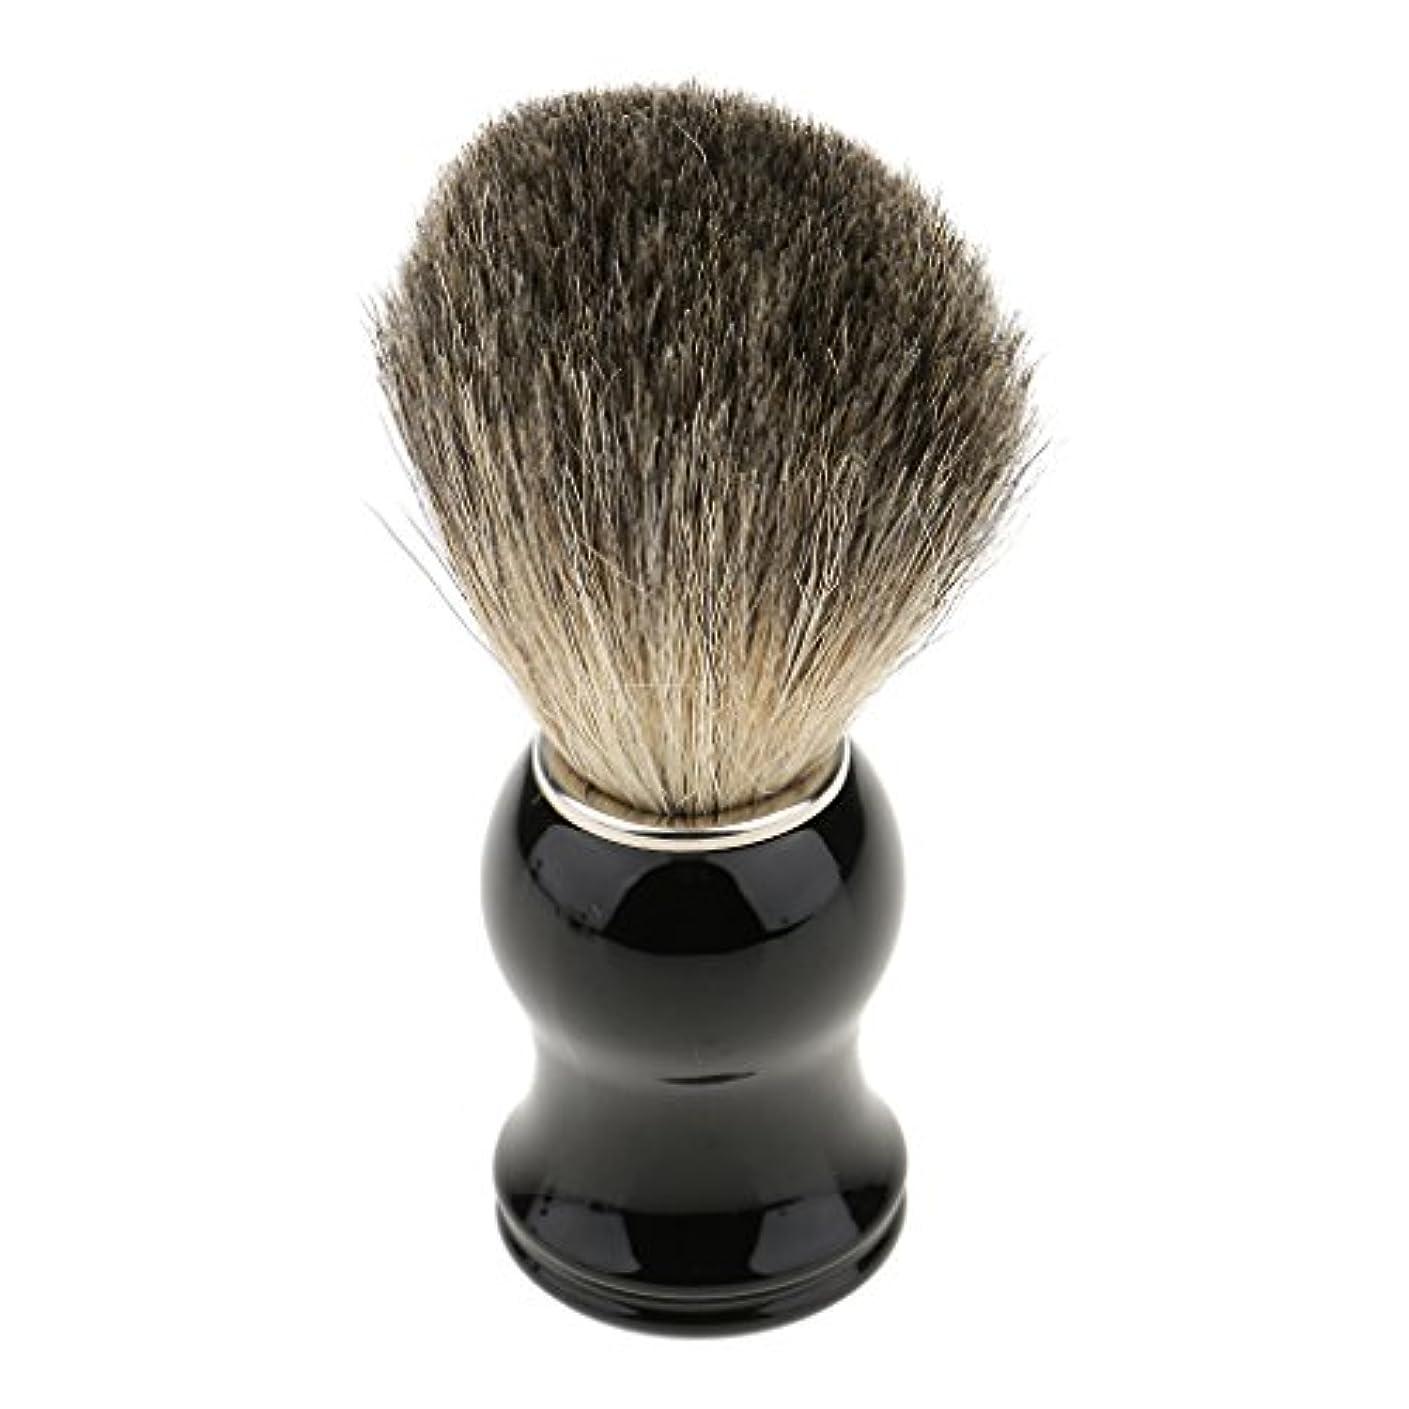 十代ソファー豊富にシェービング用ブラシ 人工毛 メンズ 理容 洗顔 髭剃り 泡立ち 11.2cm 全2色 - ブラックハンドル